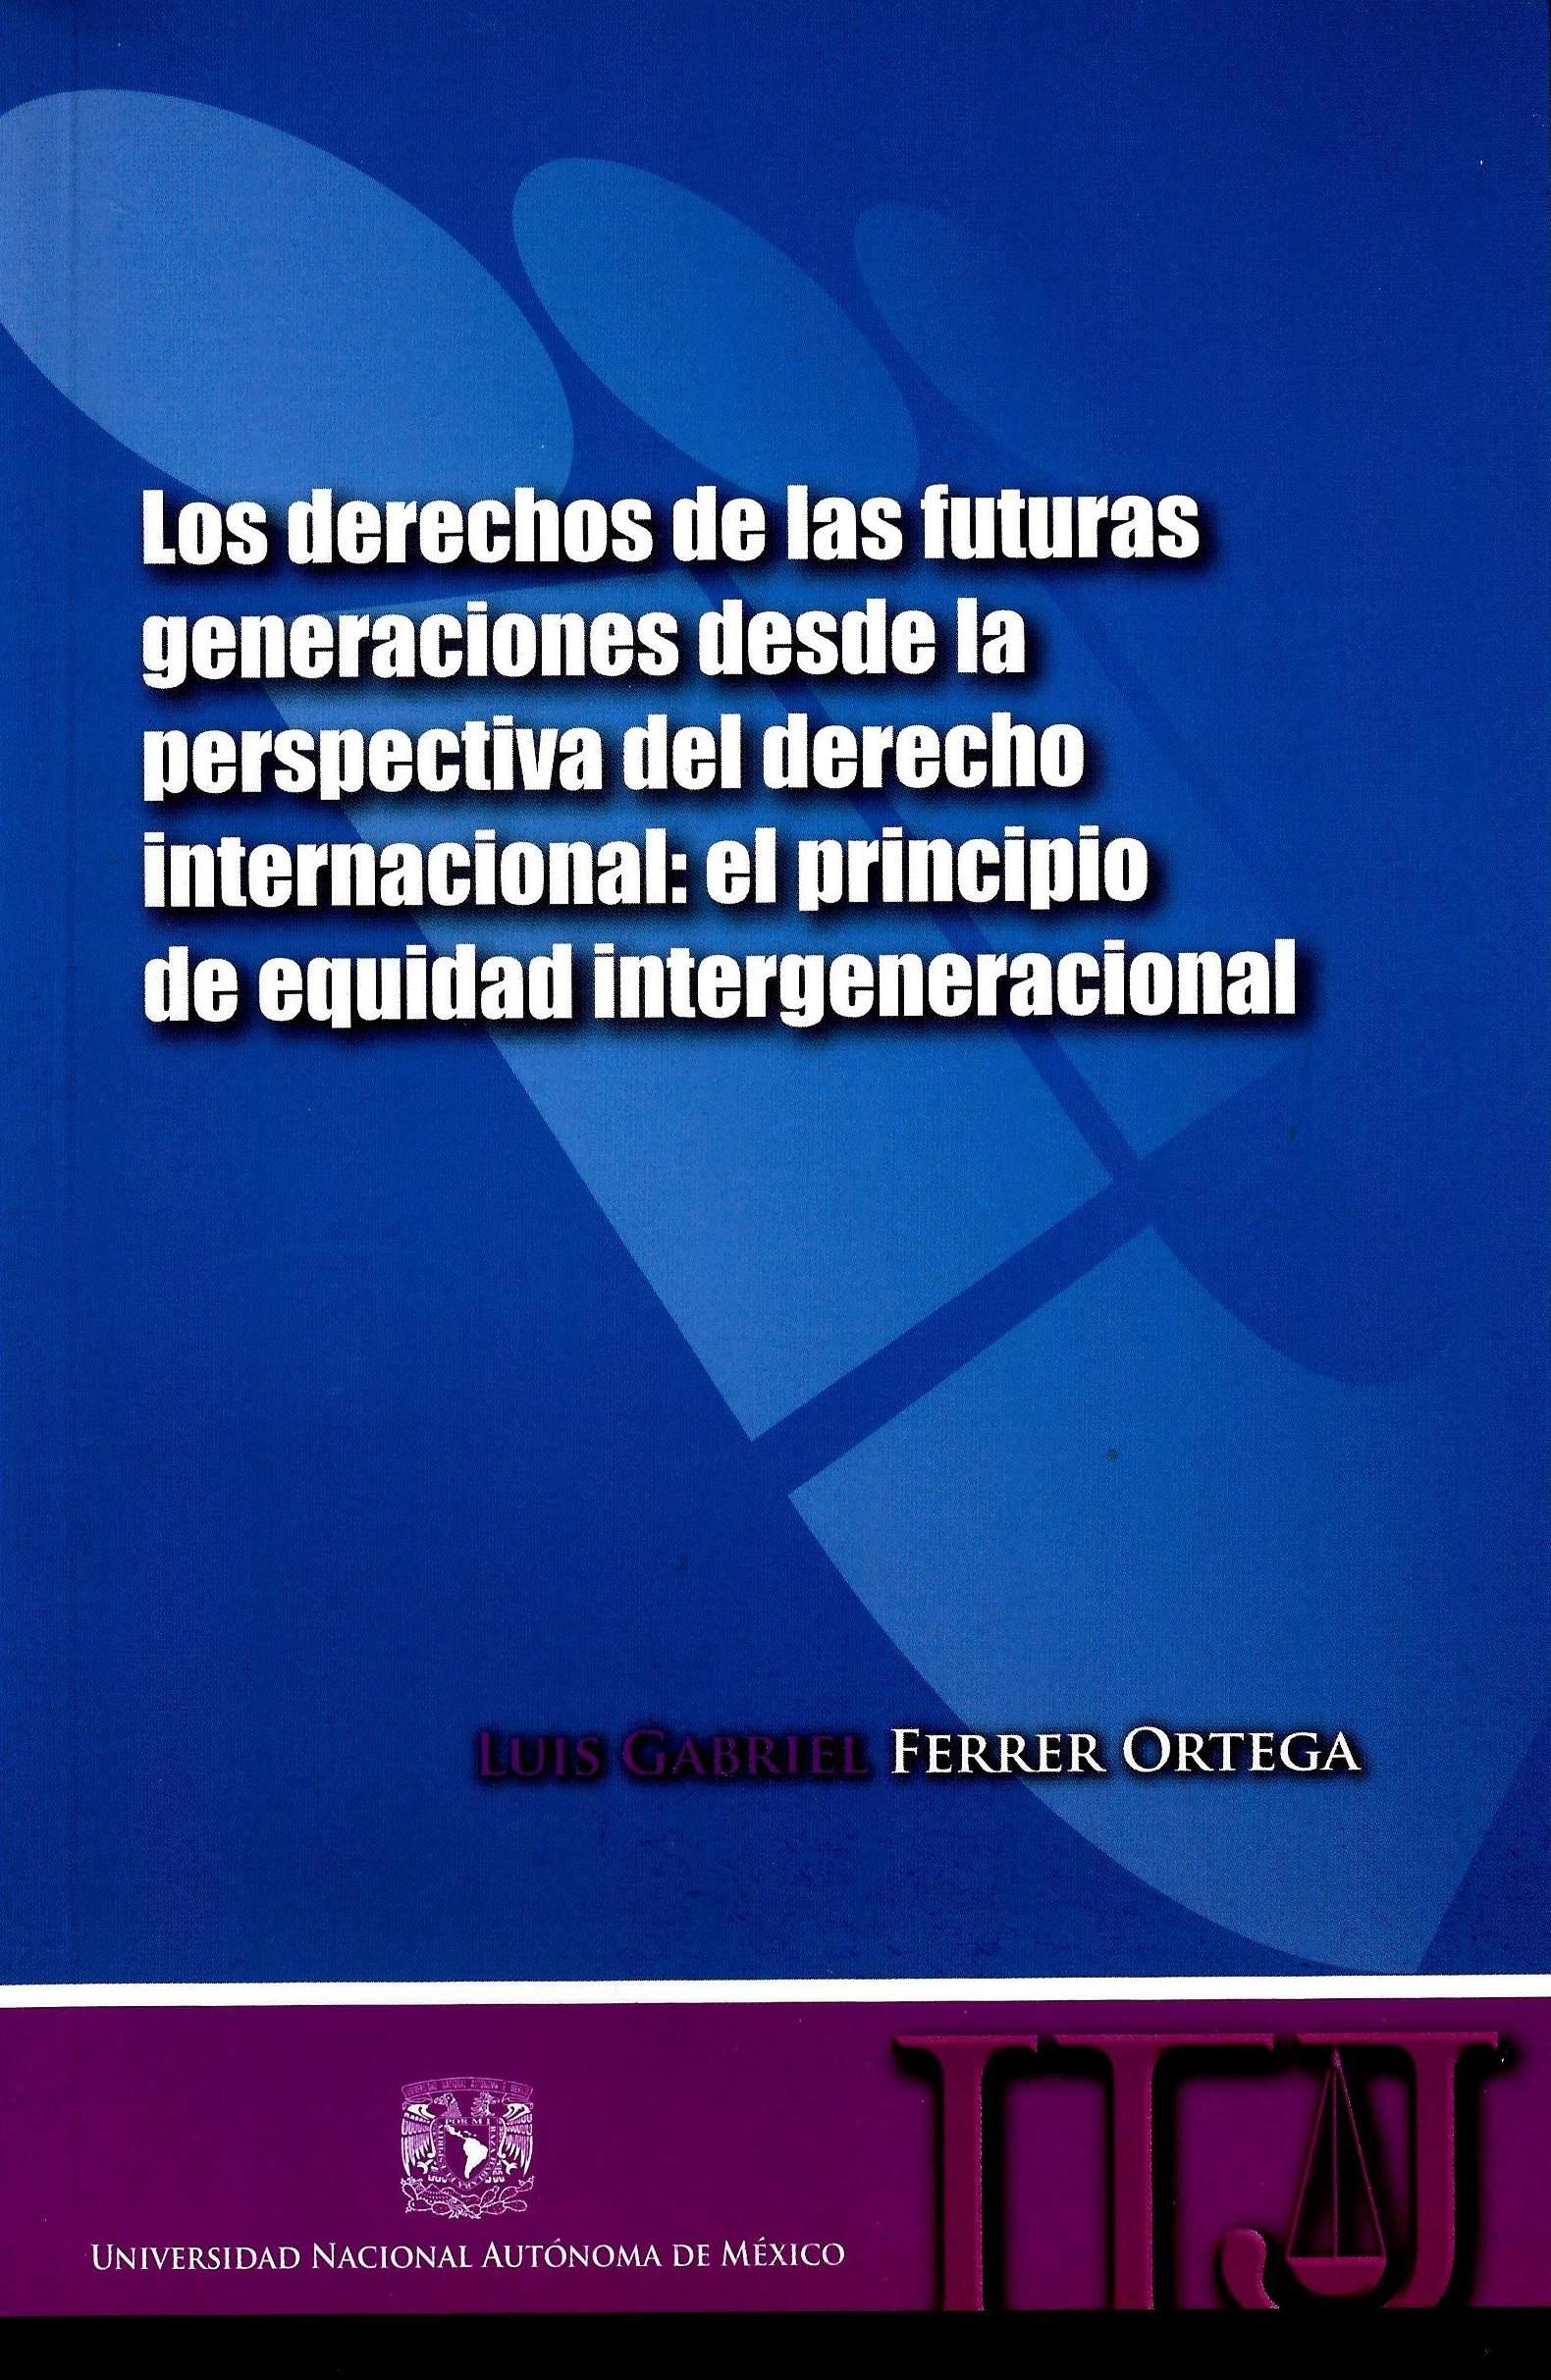 Los derechos de las futuras generaciones desde la perspectiva del derecho internacional: